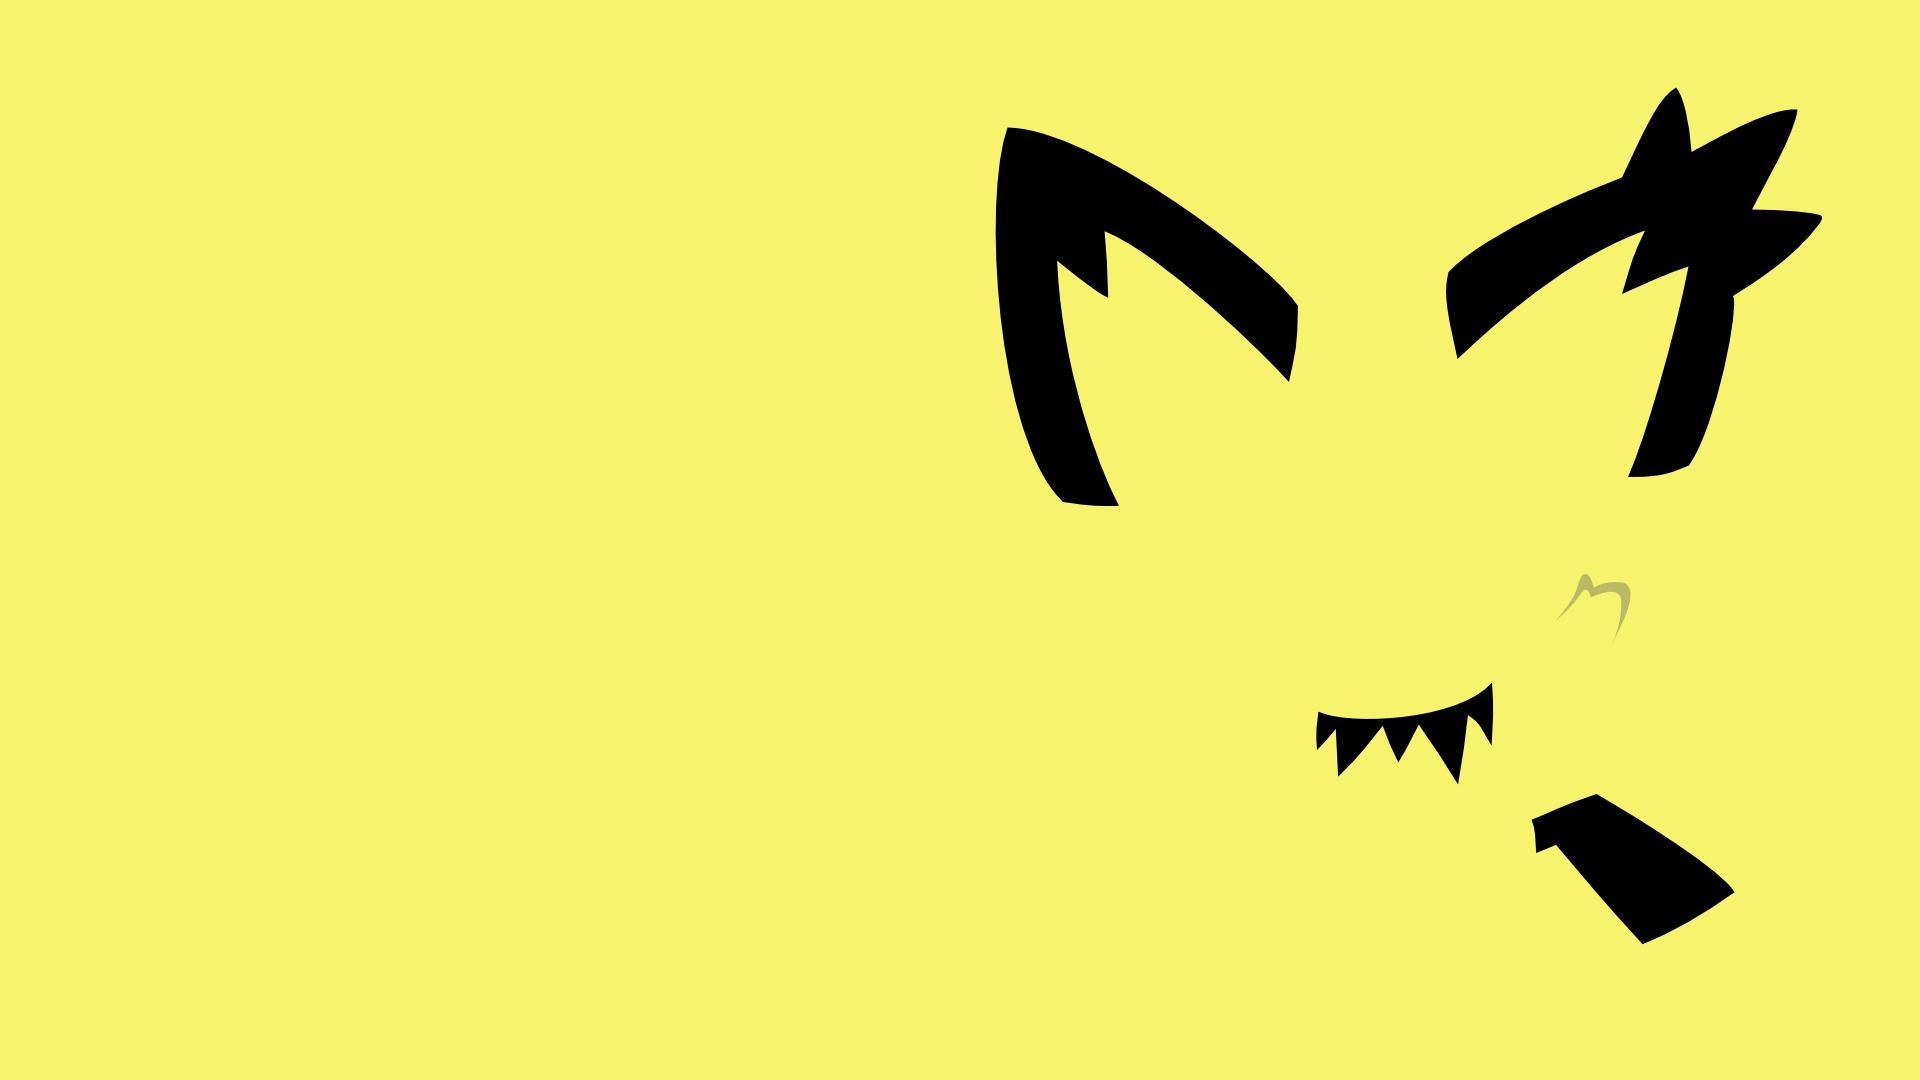 Pokemon Pichu wallpaper 72728 1920x1080